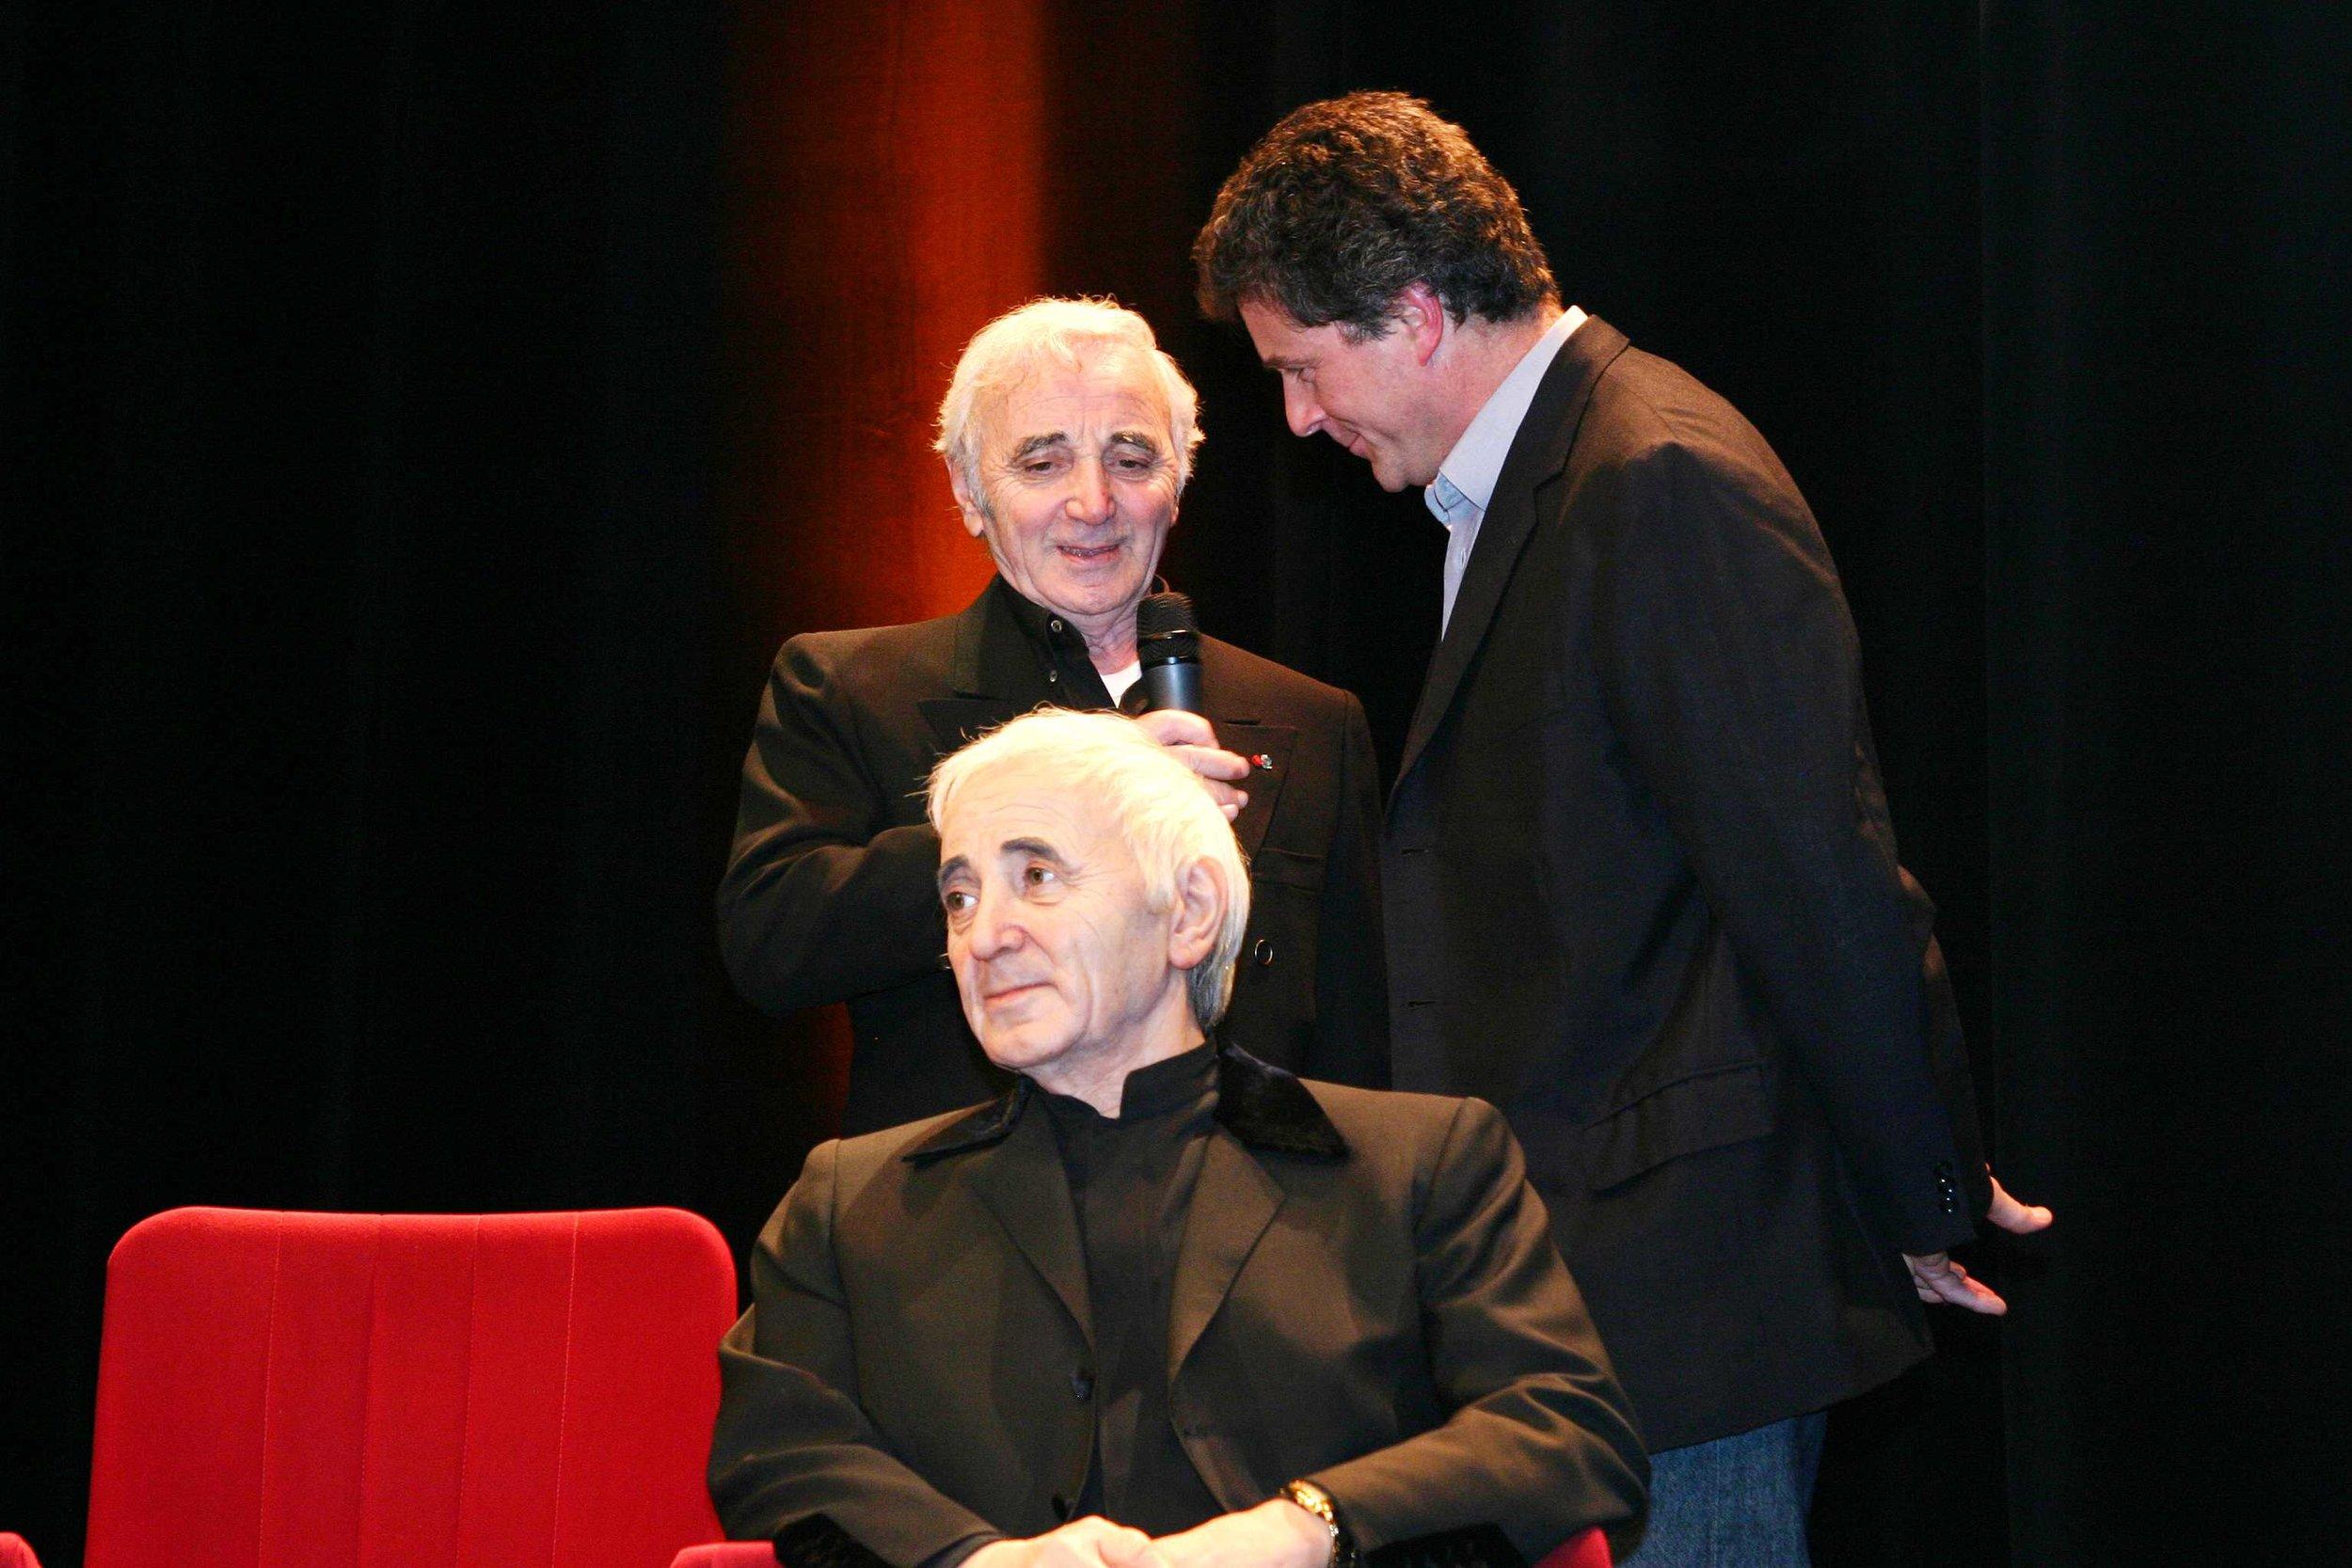 Charles Aznavour, la sculpture et le sculpteur - Sculpture en cire - Modelage par Eric Saint Chaffray - Credit Musée Grévin